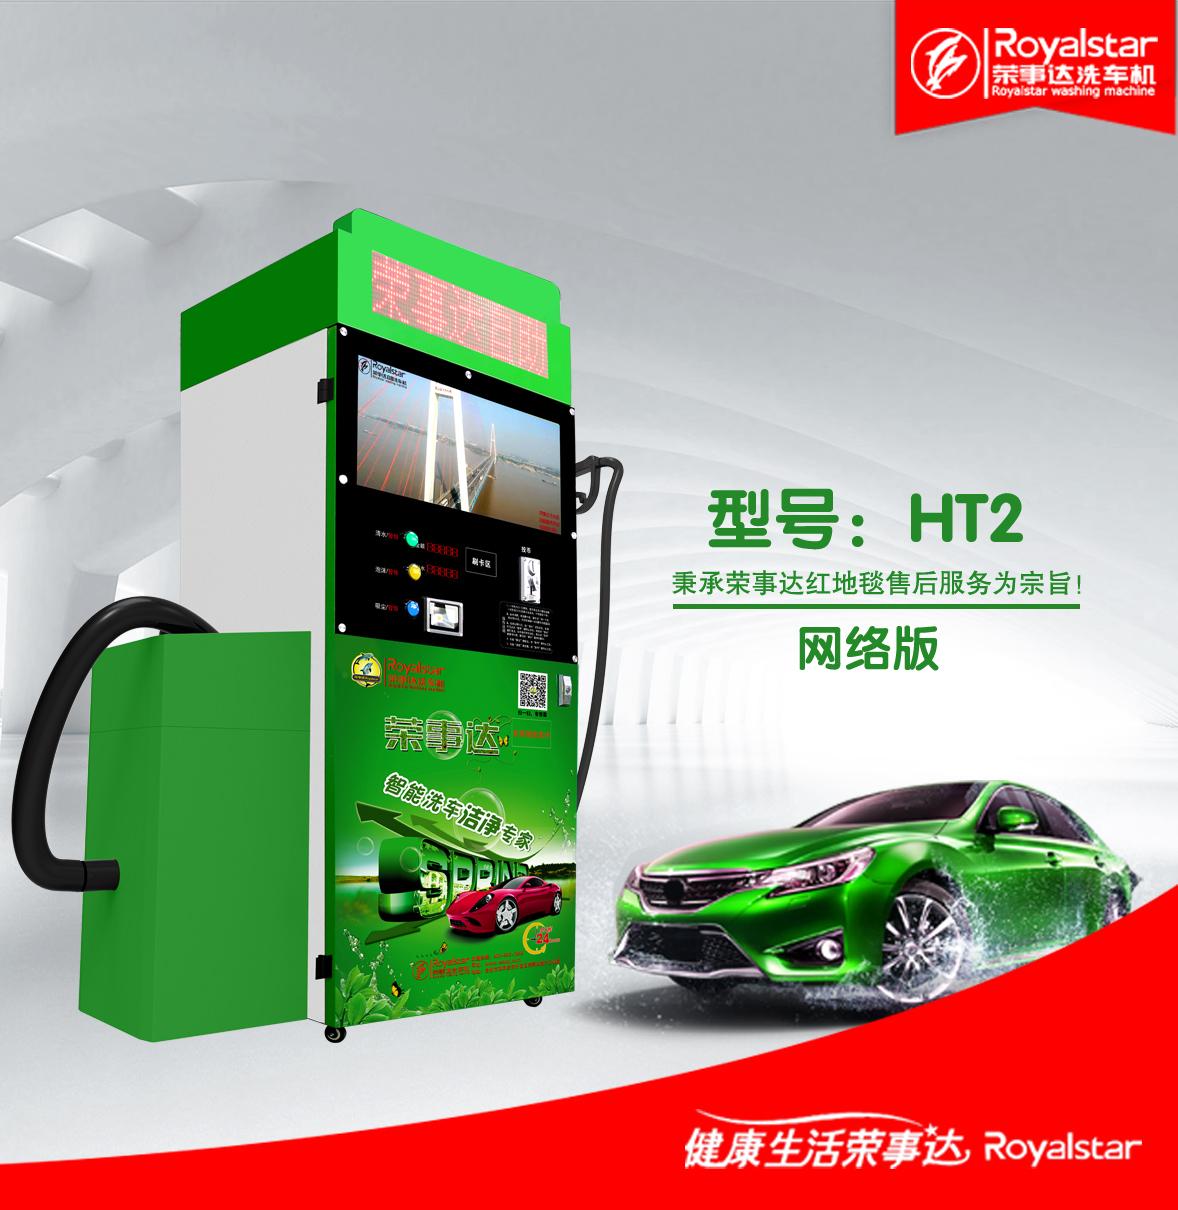 阿里半导体公司,荣事达自助洗车机,中国芯,中国造-- 合肥荣尚电子电器有限责任公司